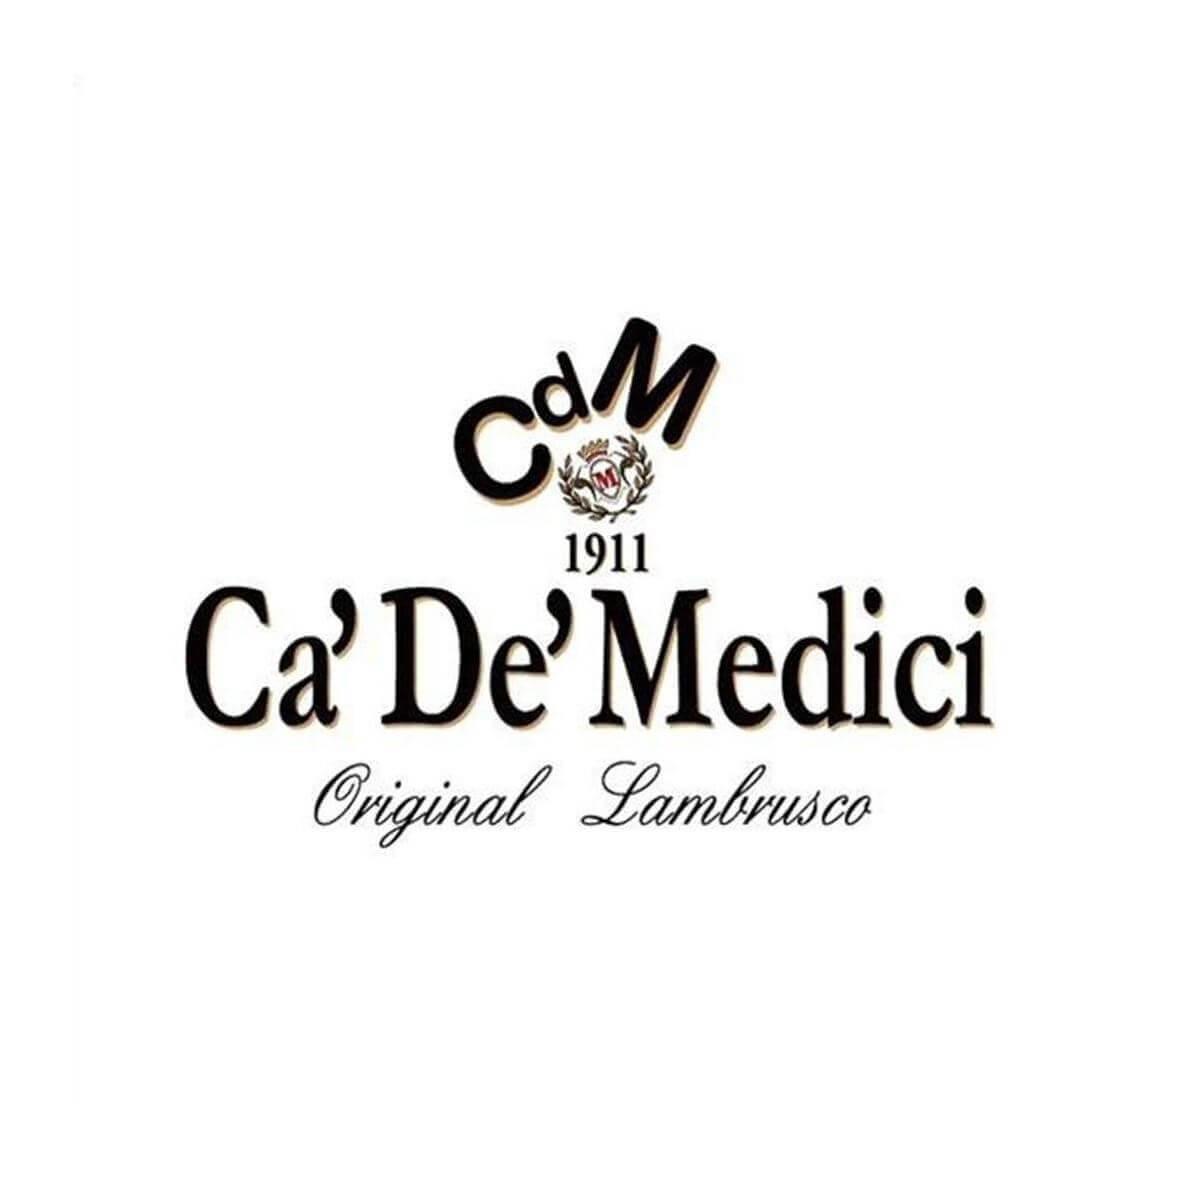 Ca'De'Medici